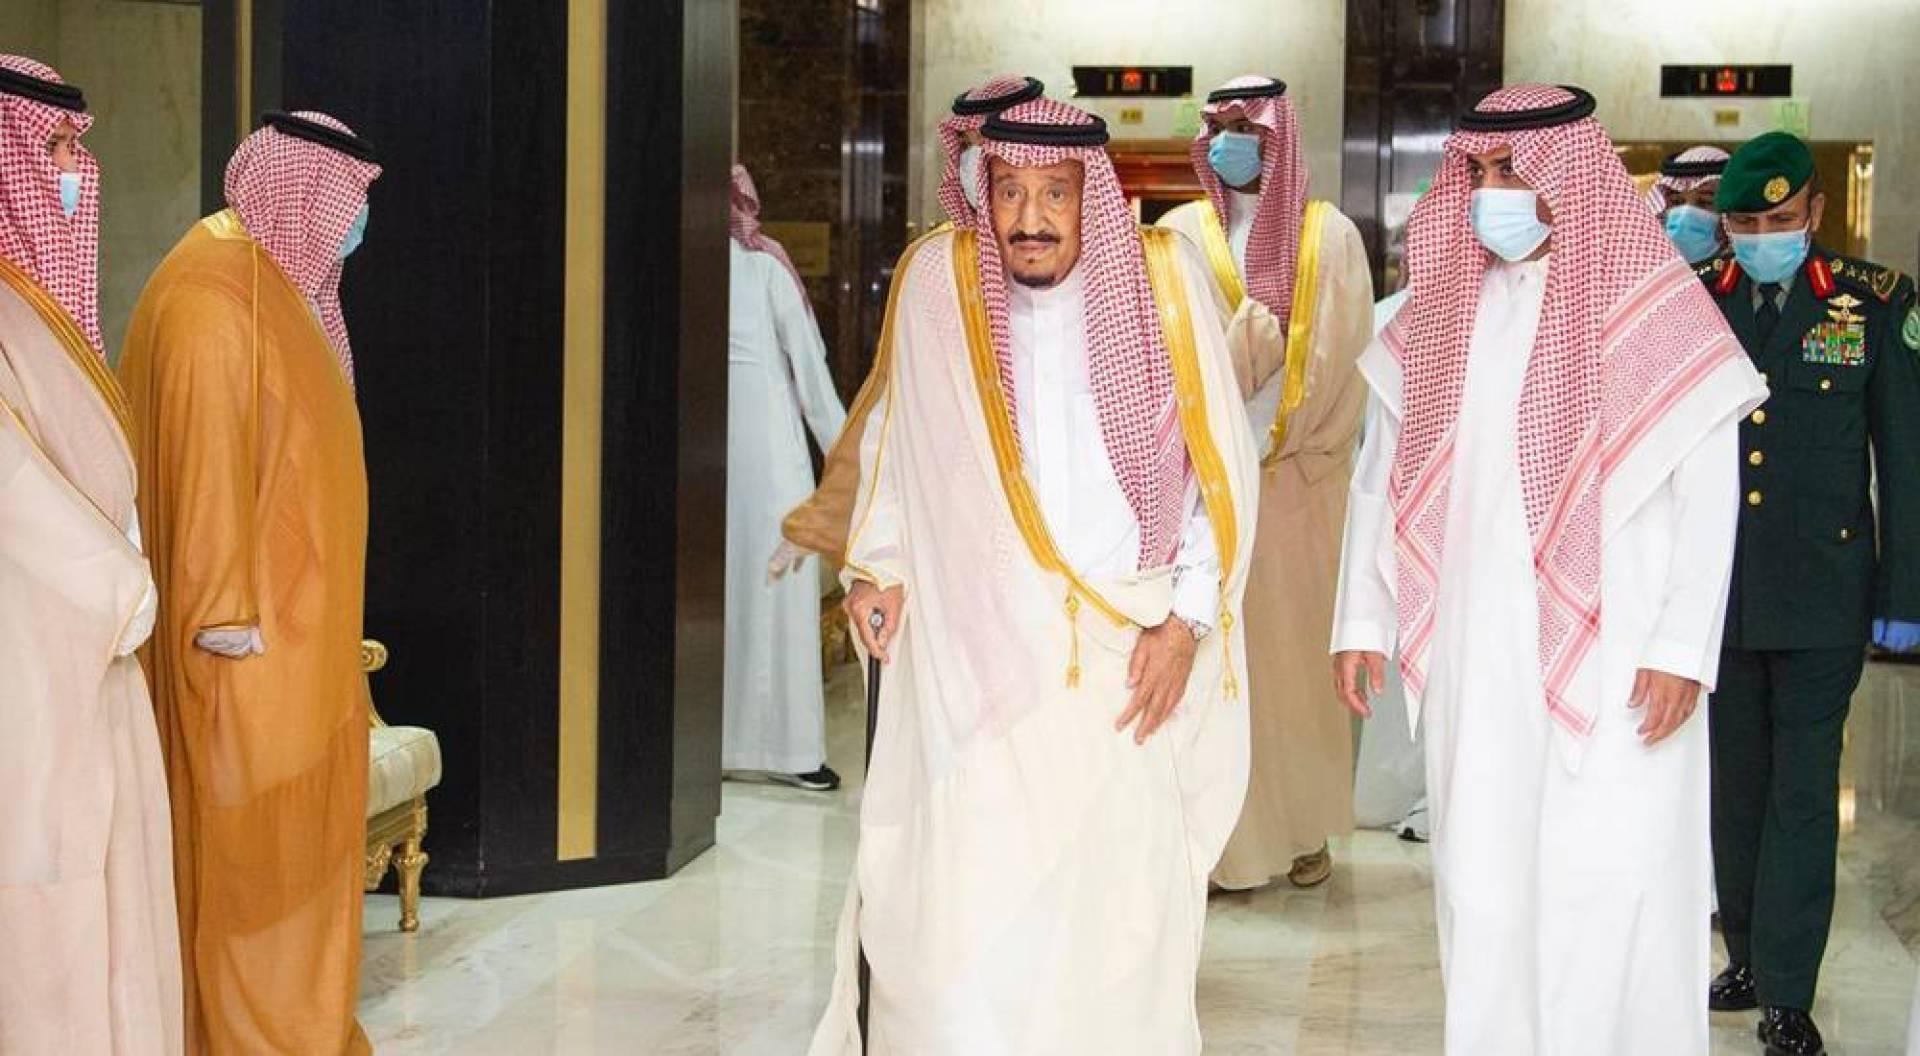 الملك سلمان يهنئ جميع المسلمين بعيد الأضحى المبارك